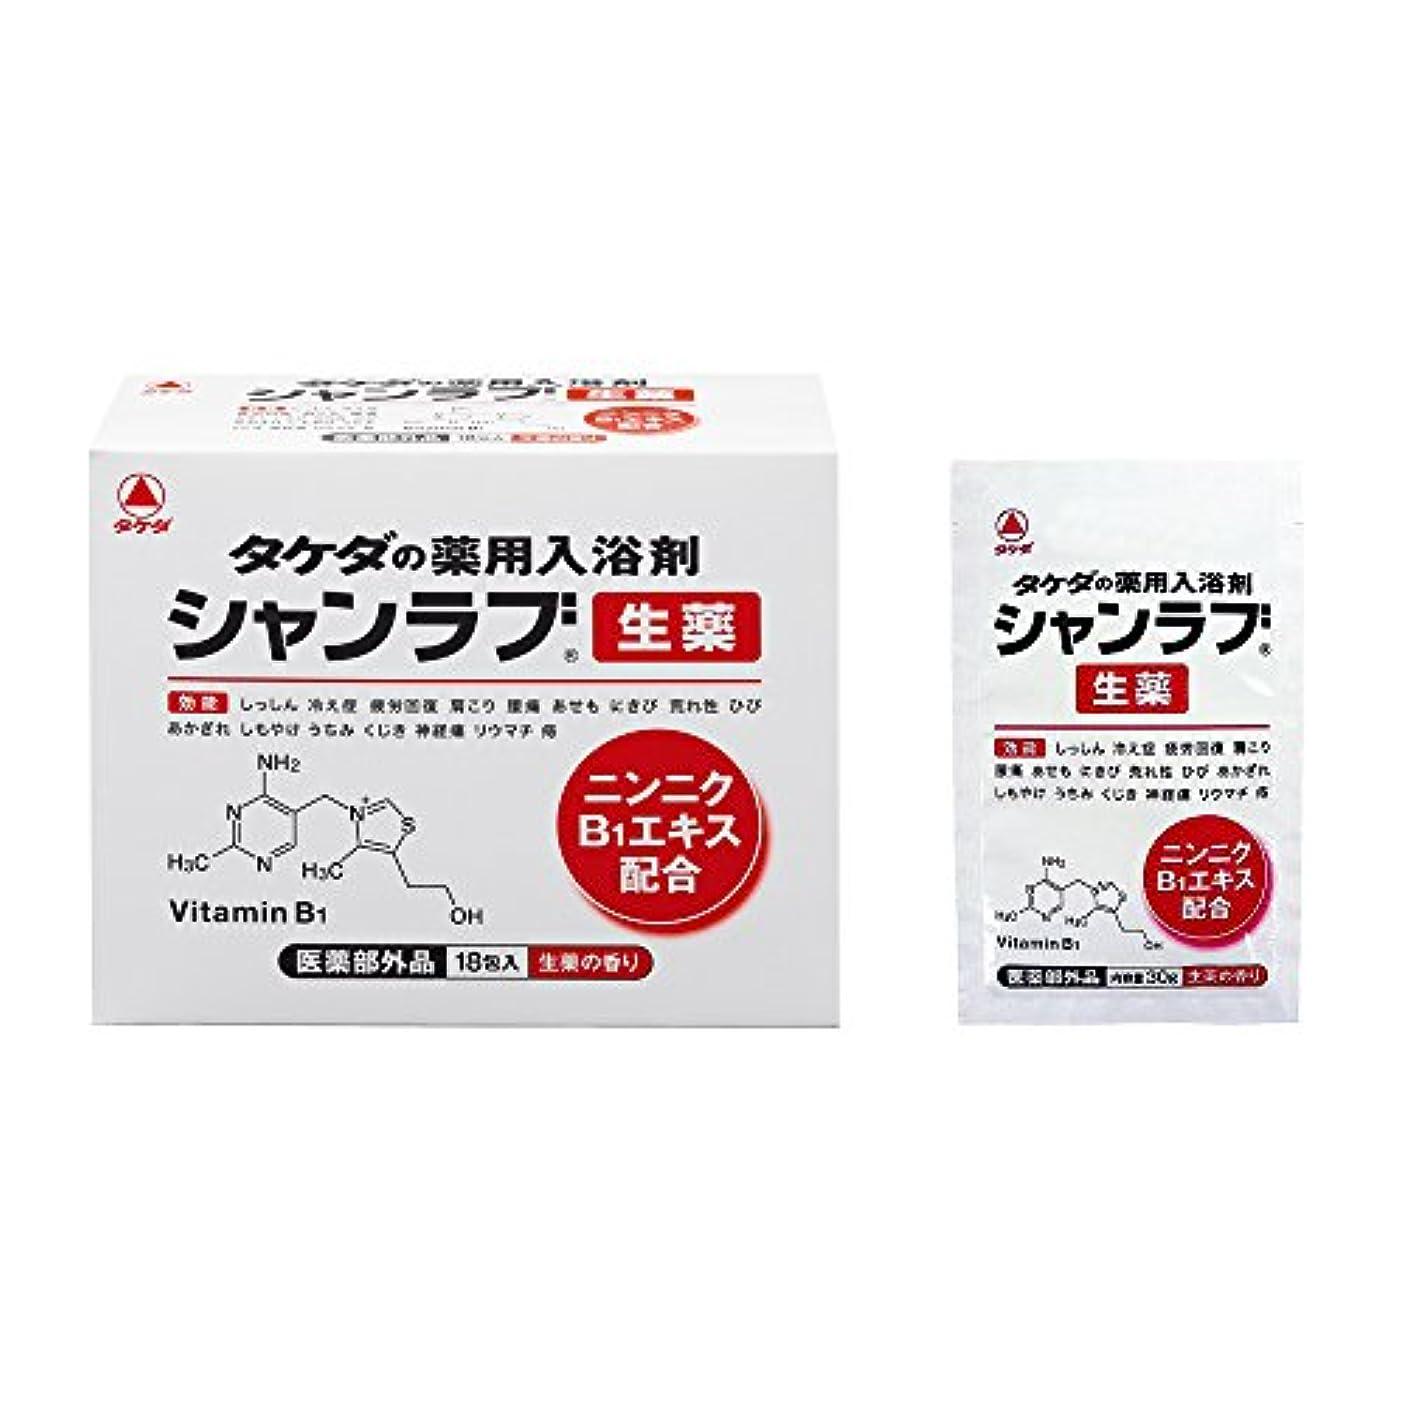 やさしい歴史暗くする薬用入浴剤 シャンラブ 生薬 18包入 【医薬部外品】